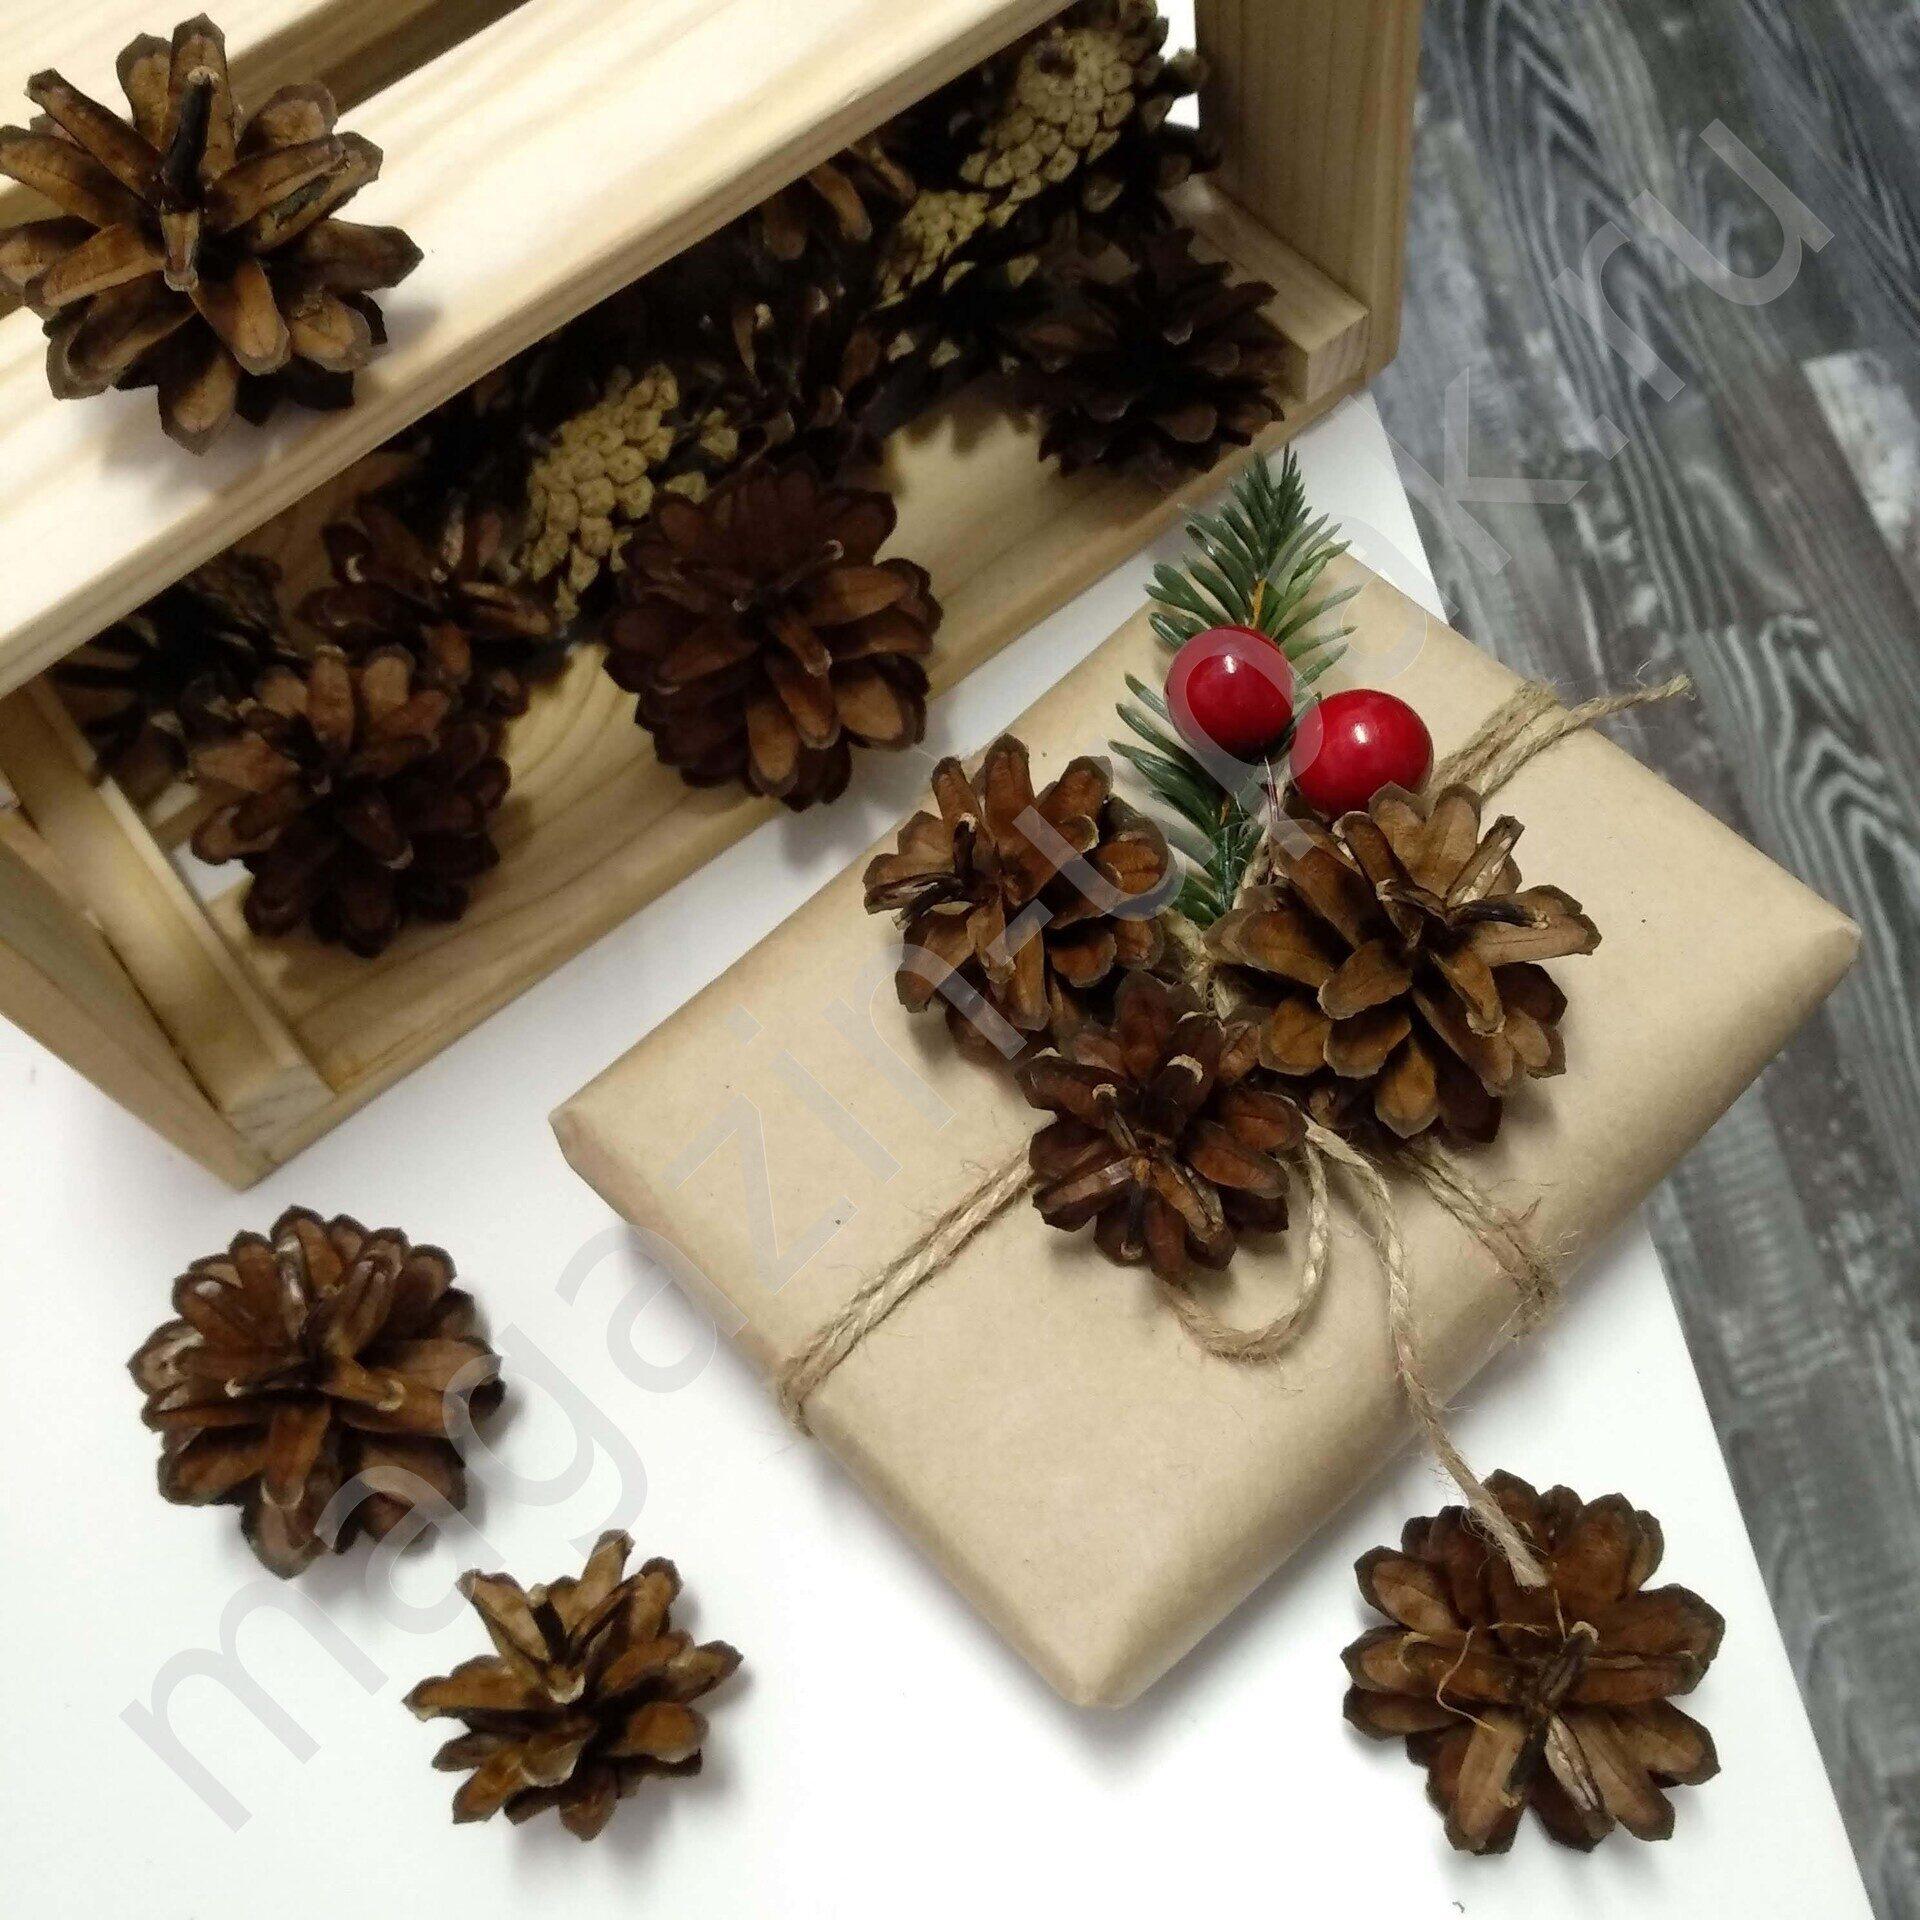 Шишки большие сосновые  для новогоднего декора